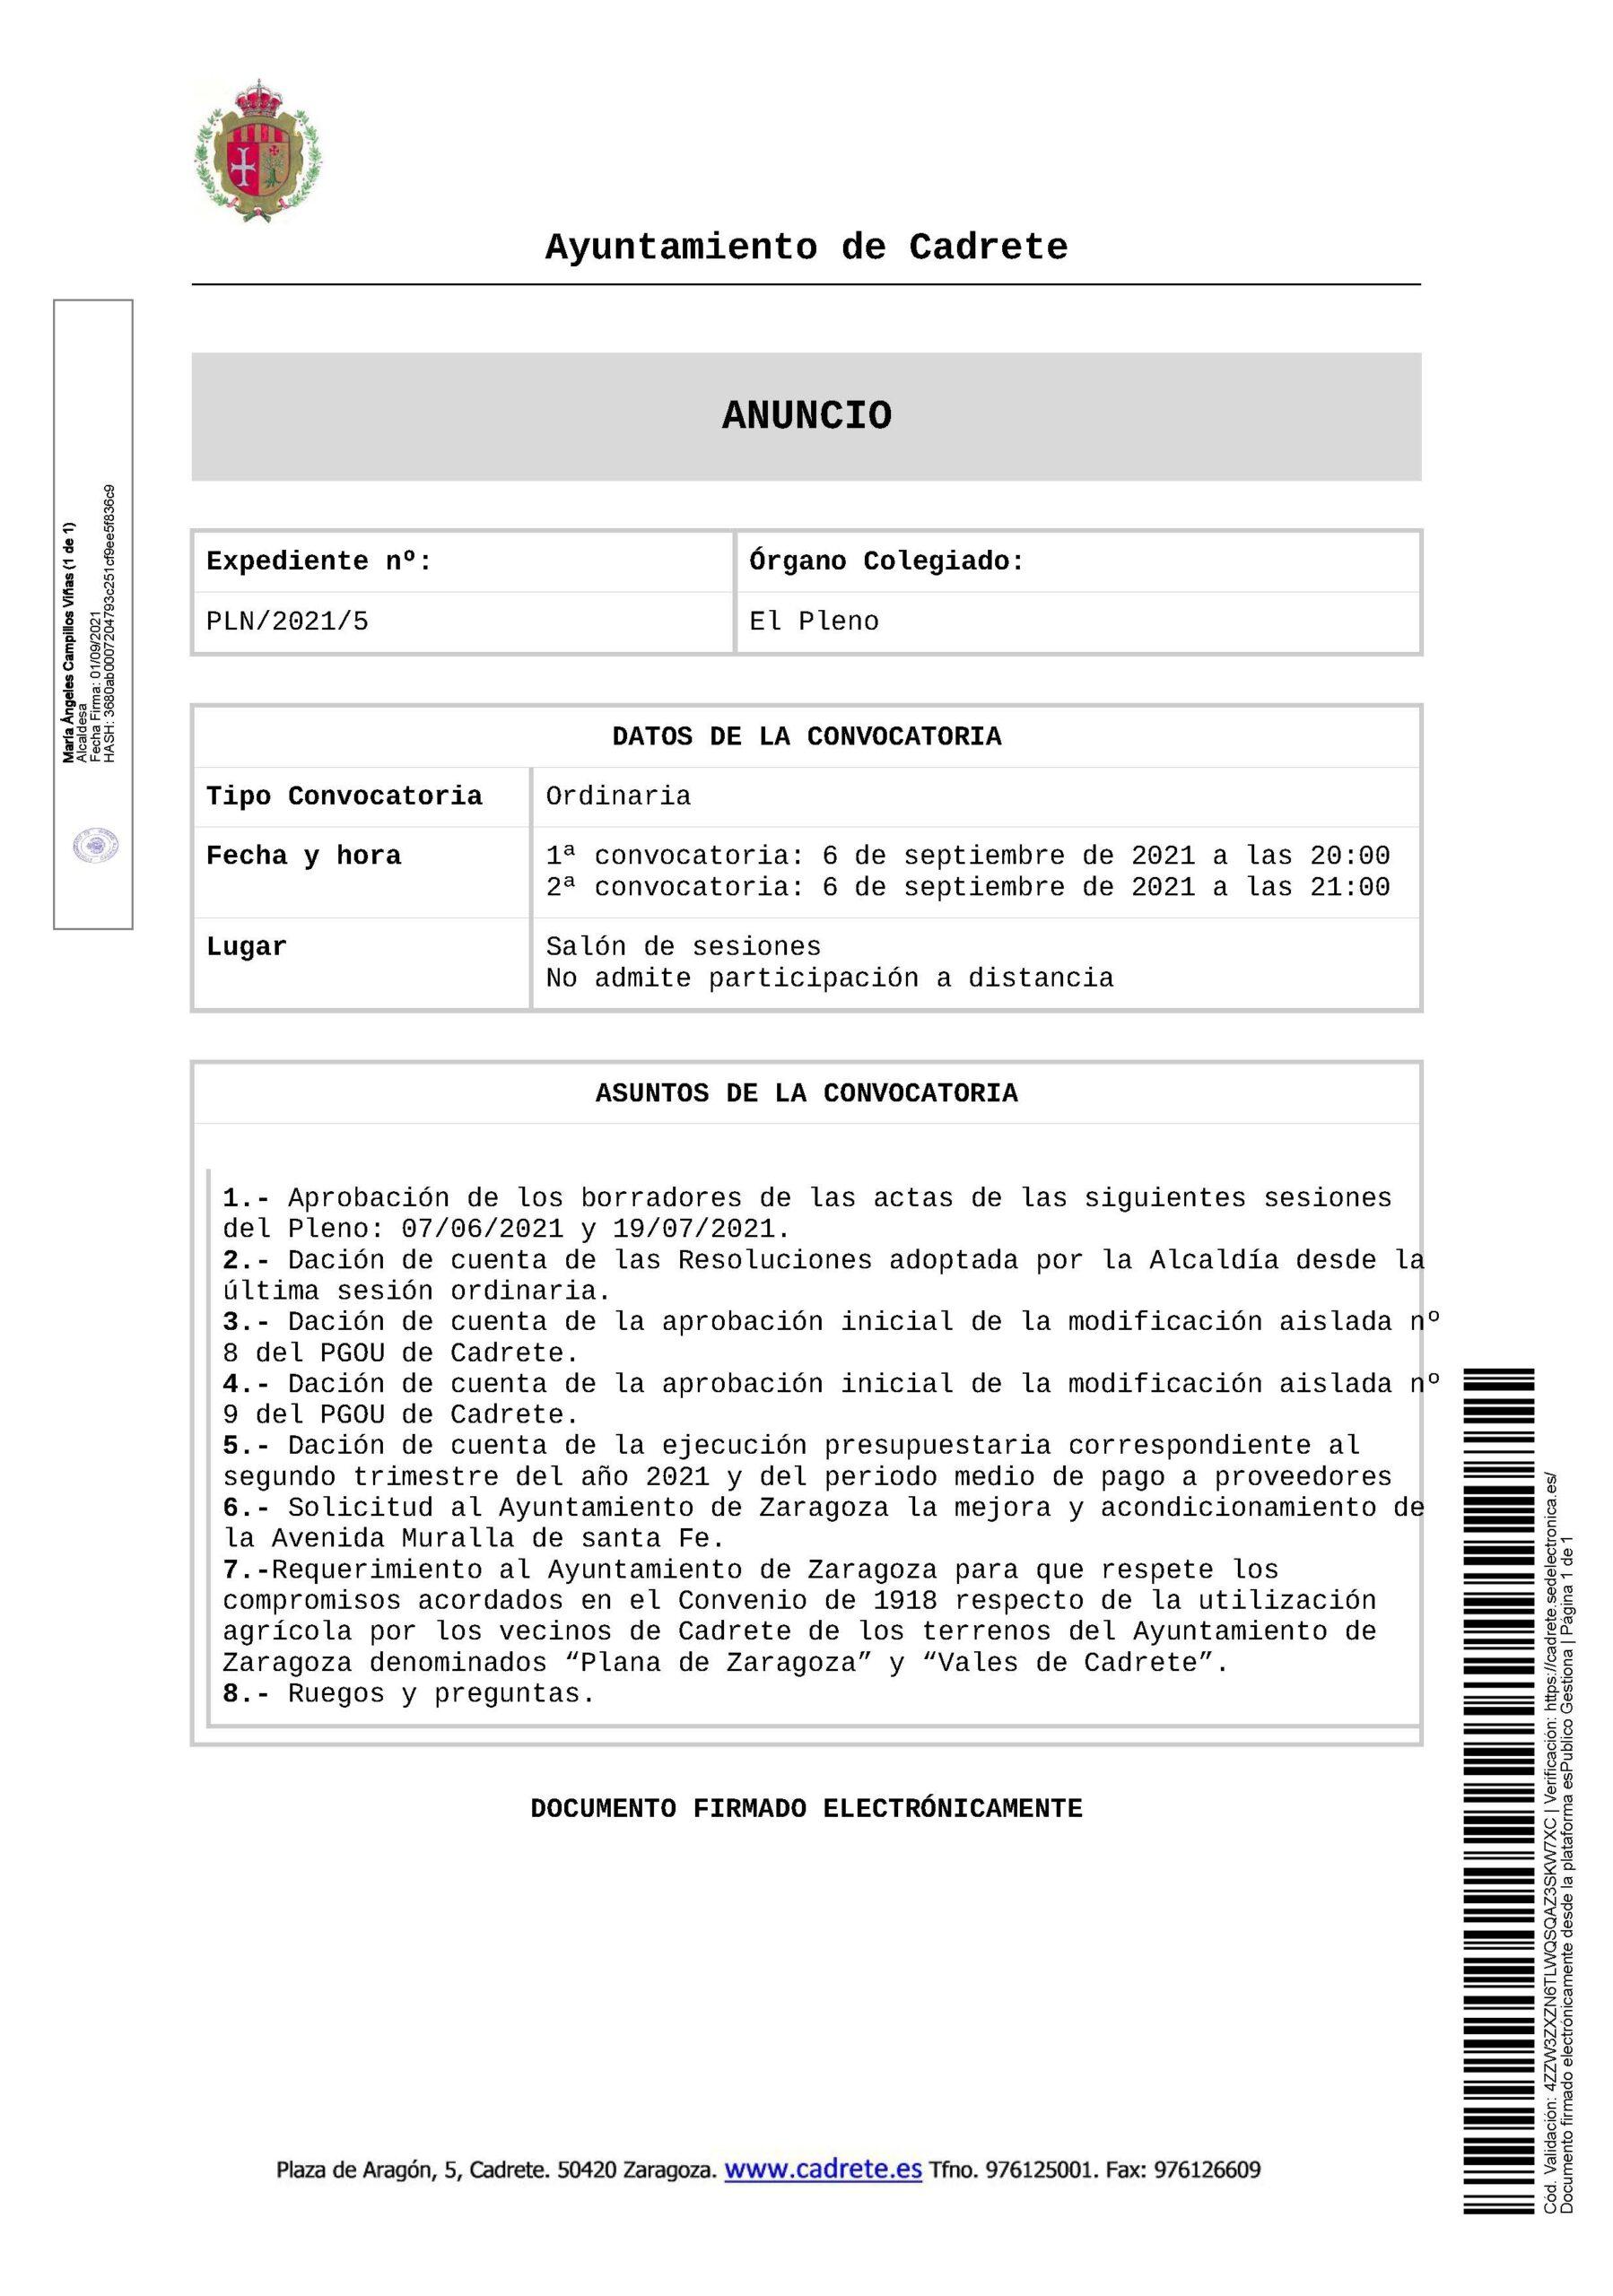 Anunco de pleno convocado po el Ayuntamiento de Cadrete